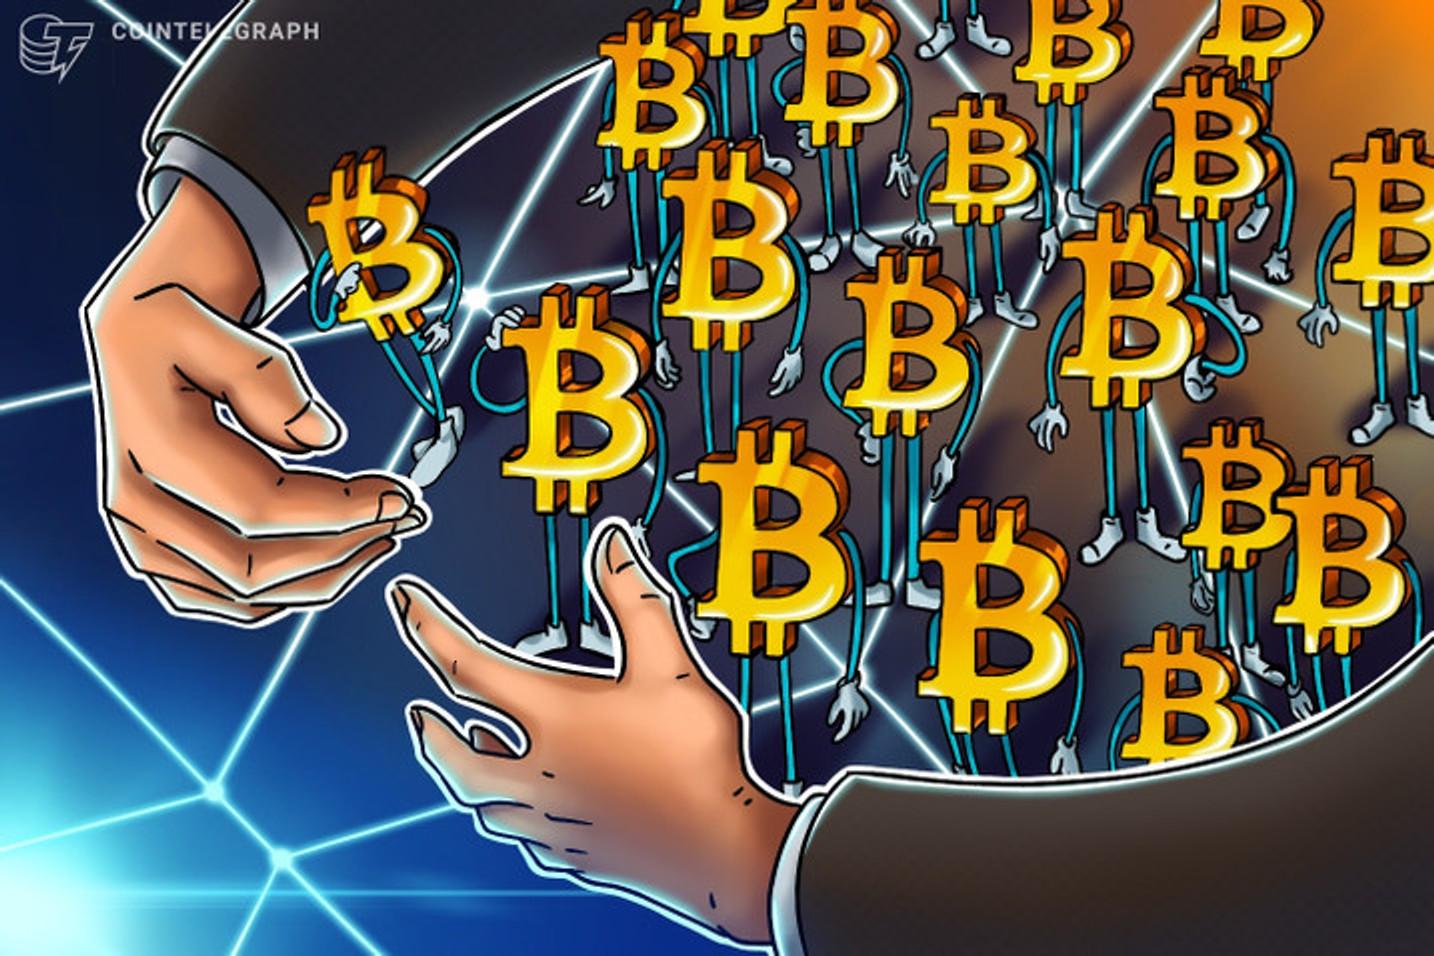 Preço do Bitcoin atinge US$ 24 mil e bate novo recorde no mercado